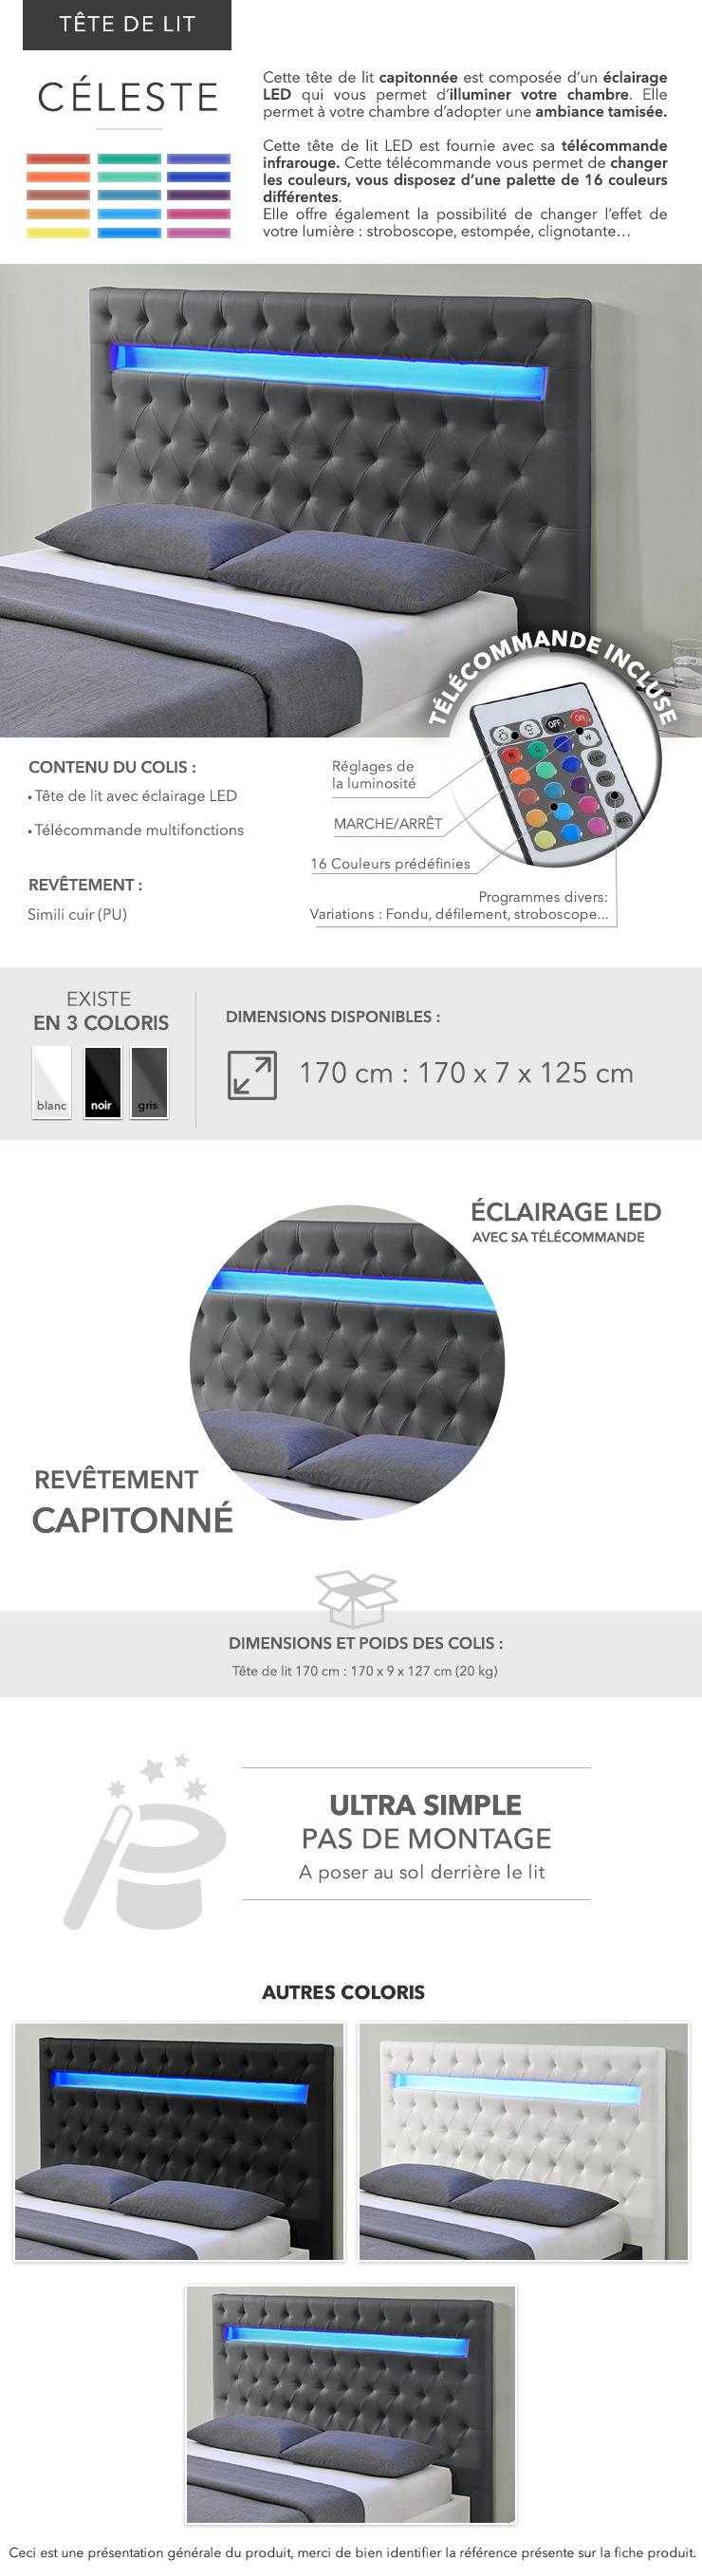 celeste t te de lit en simili avec clairage led 150 cm. Black Bedroom Furniture Sets. Home Design Ideas